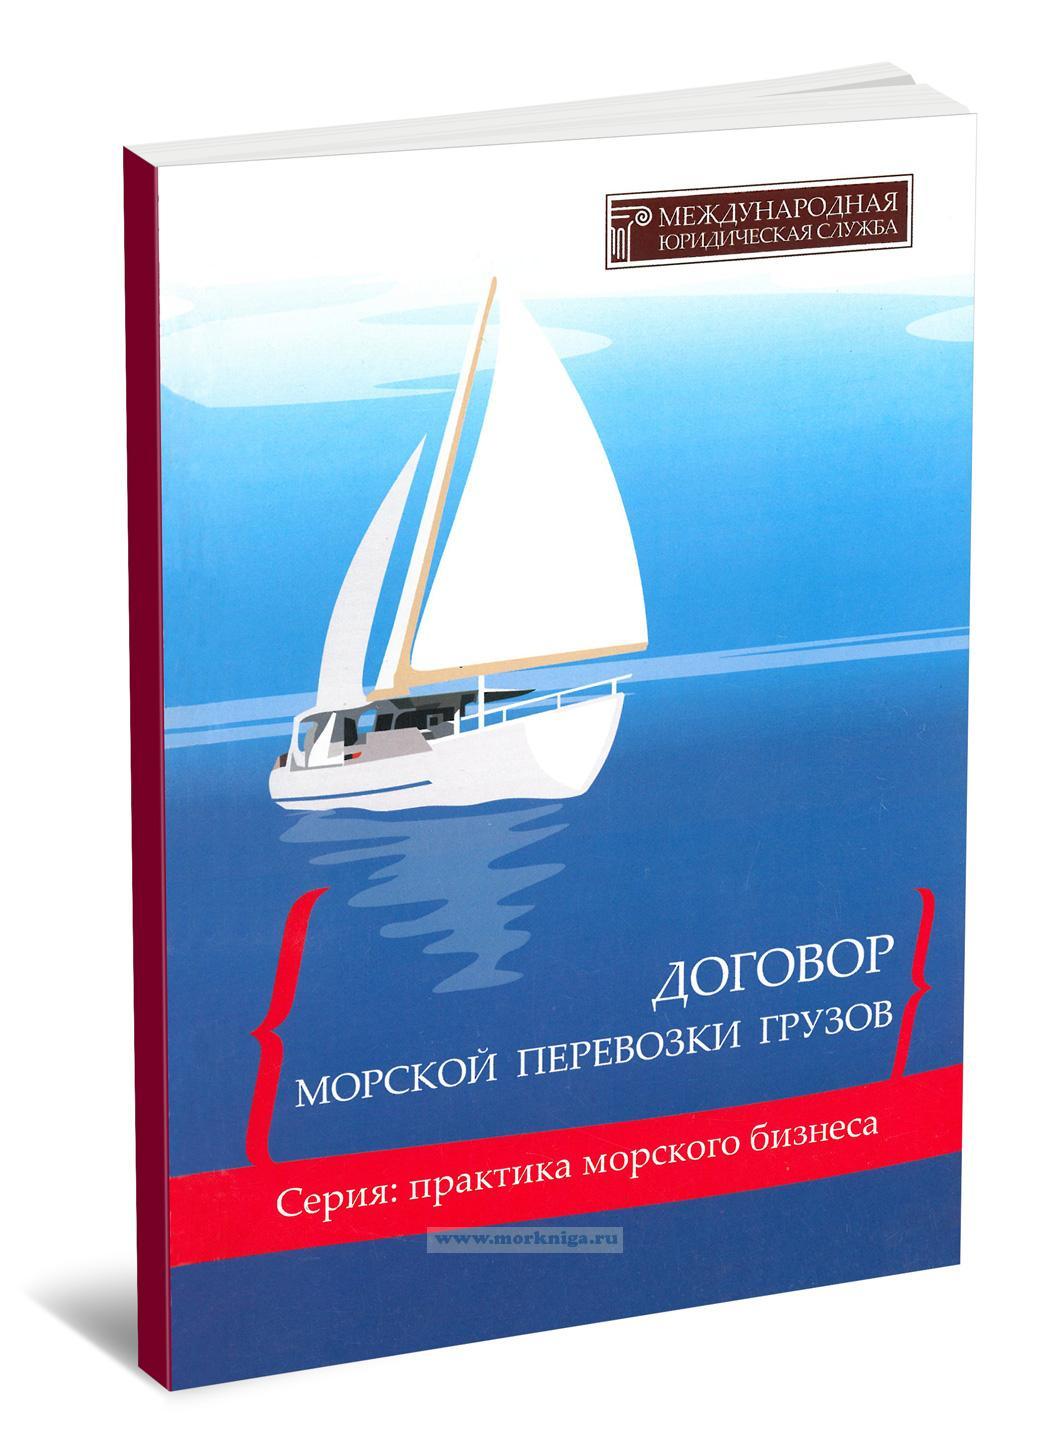 Договор морской перевозки грузов